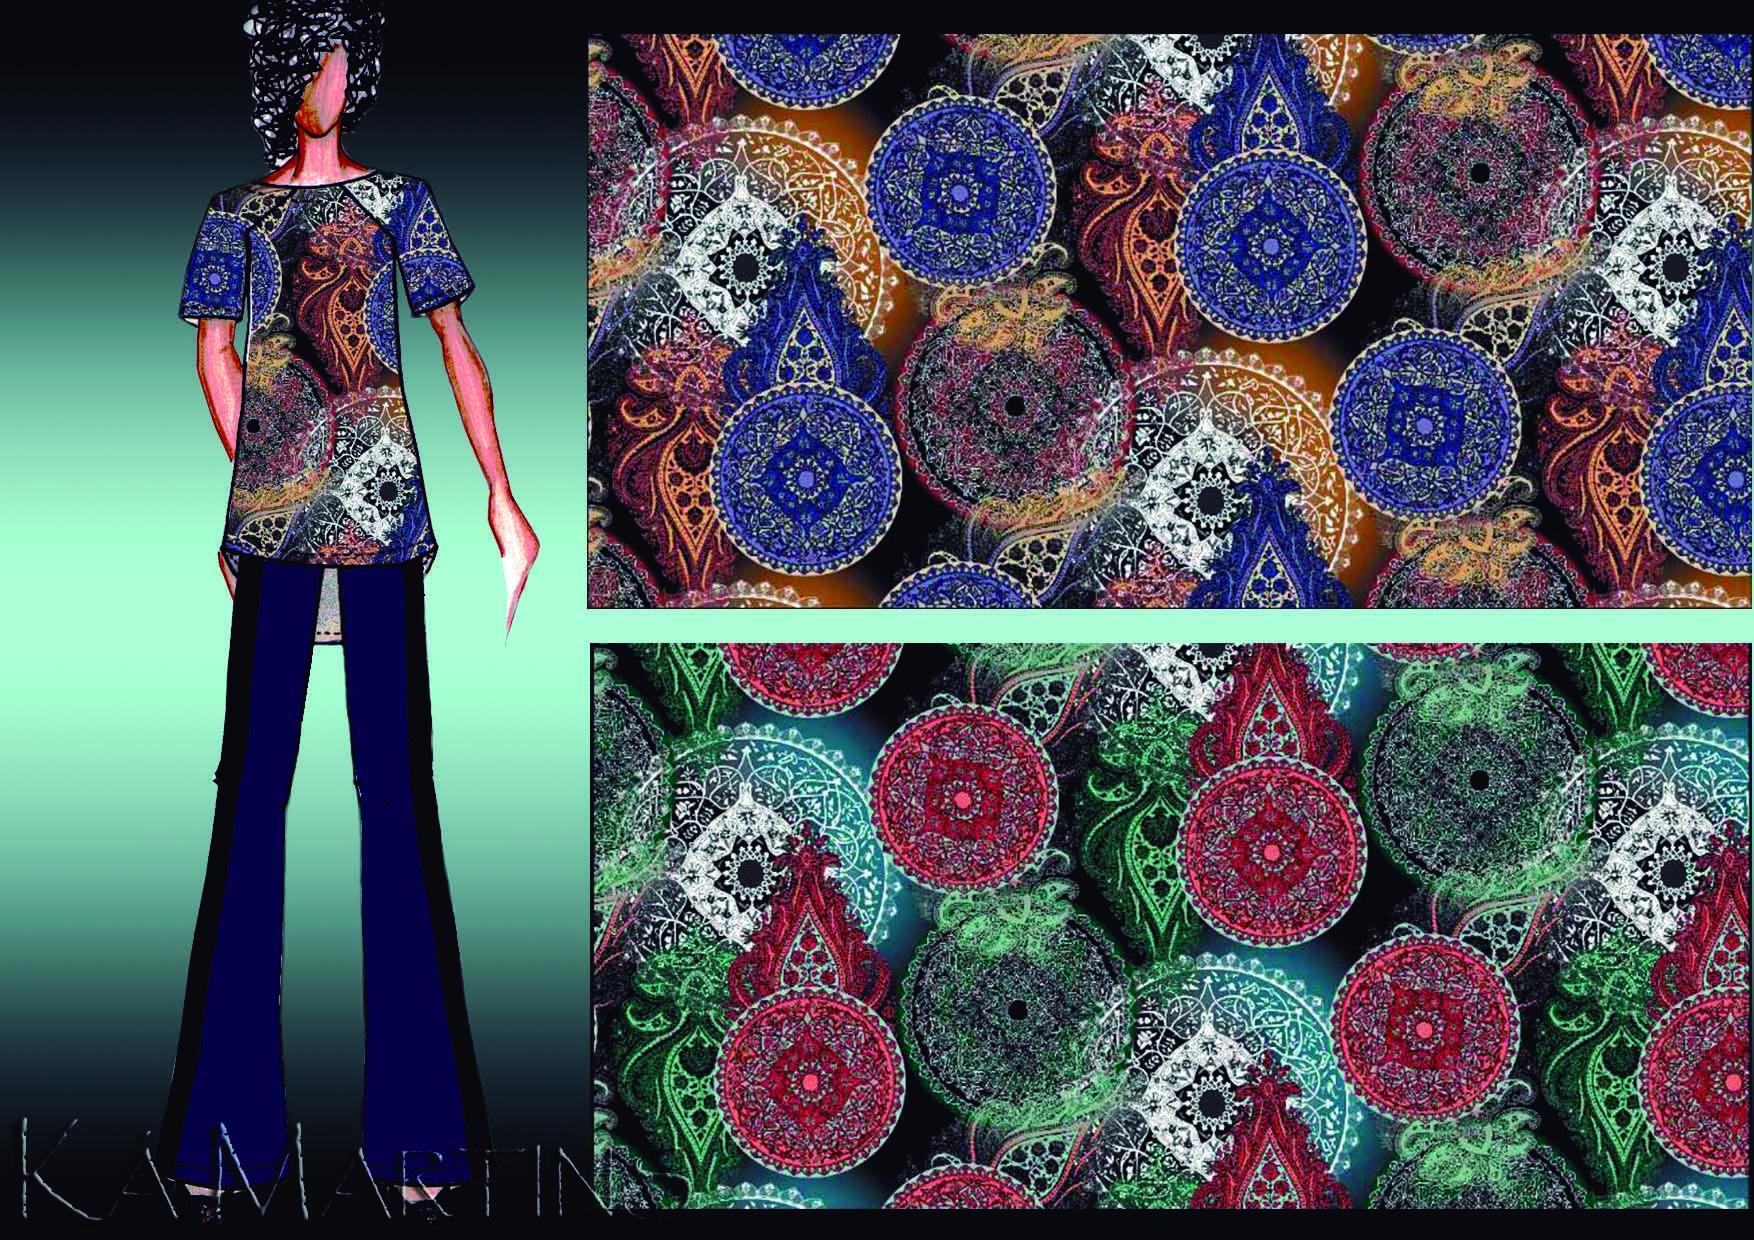 Mandalas indianas - Desenvolvimento em conjunto com Márcio e coloração por Ká Martins para Natan Tecidos.